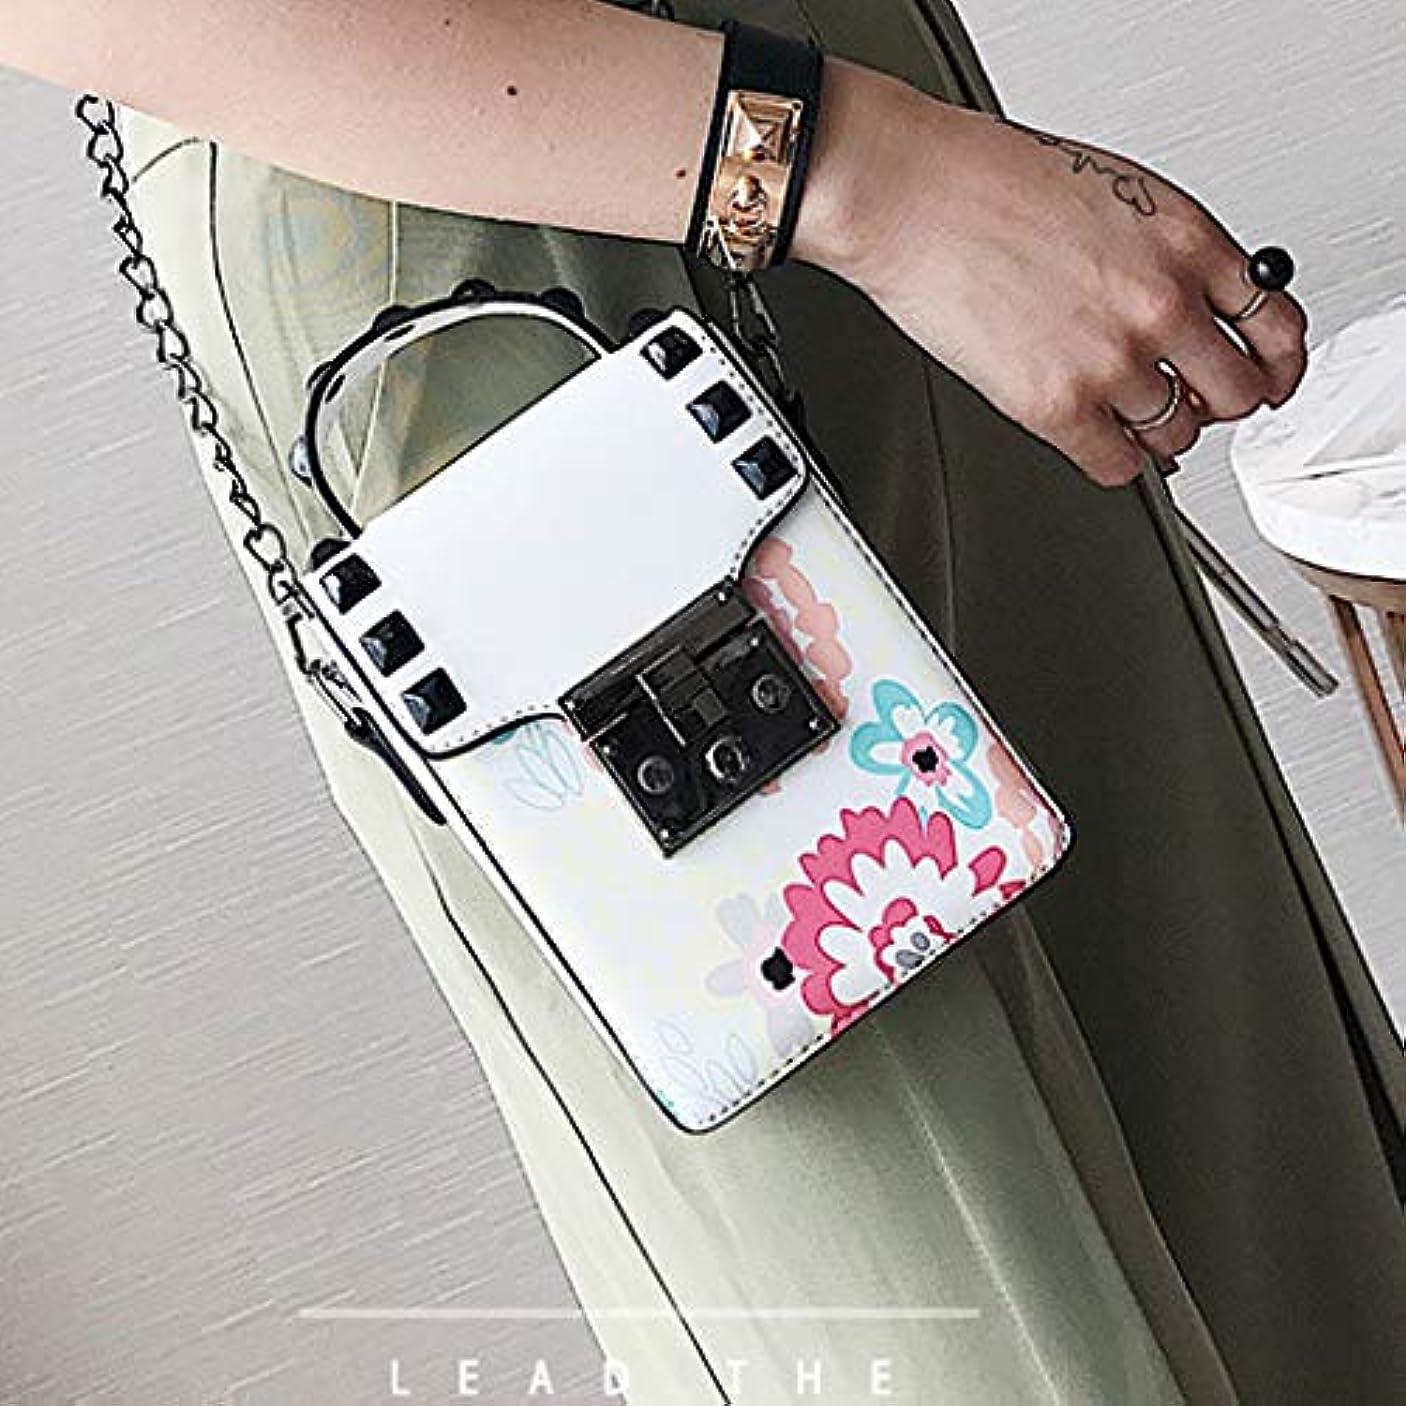 アナウンサー書道配る女性印刷リベットチェーンショルダーバッグレディースキャンパススタイルクロスボディバッグ、ファッショントレンド新しいクロスボディバッグ、チェーンレディース小さなバッグ、プリントパターントレンド小さな財布 (白)